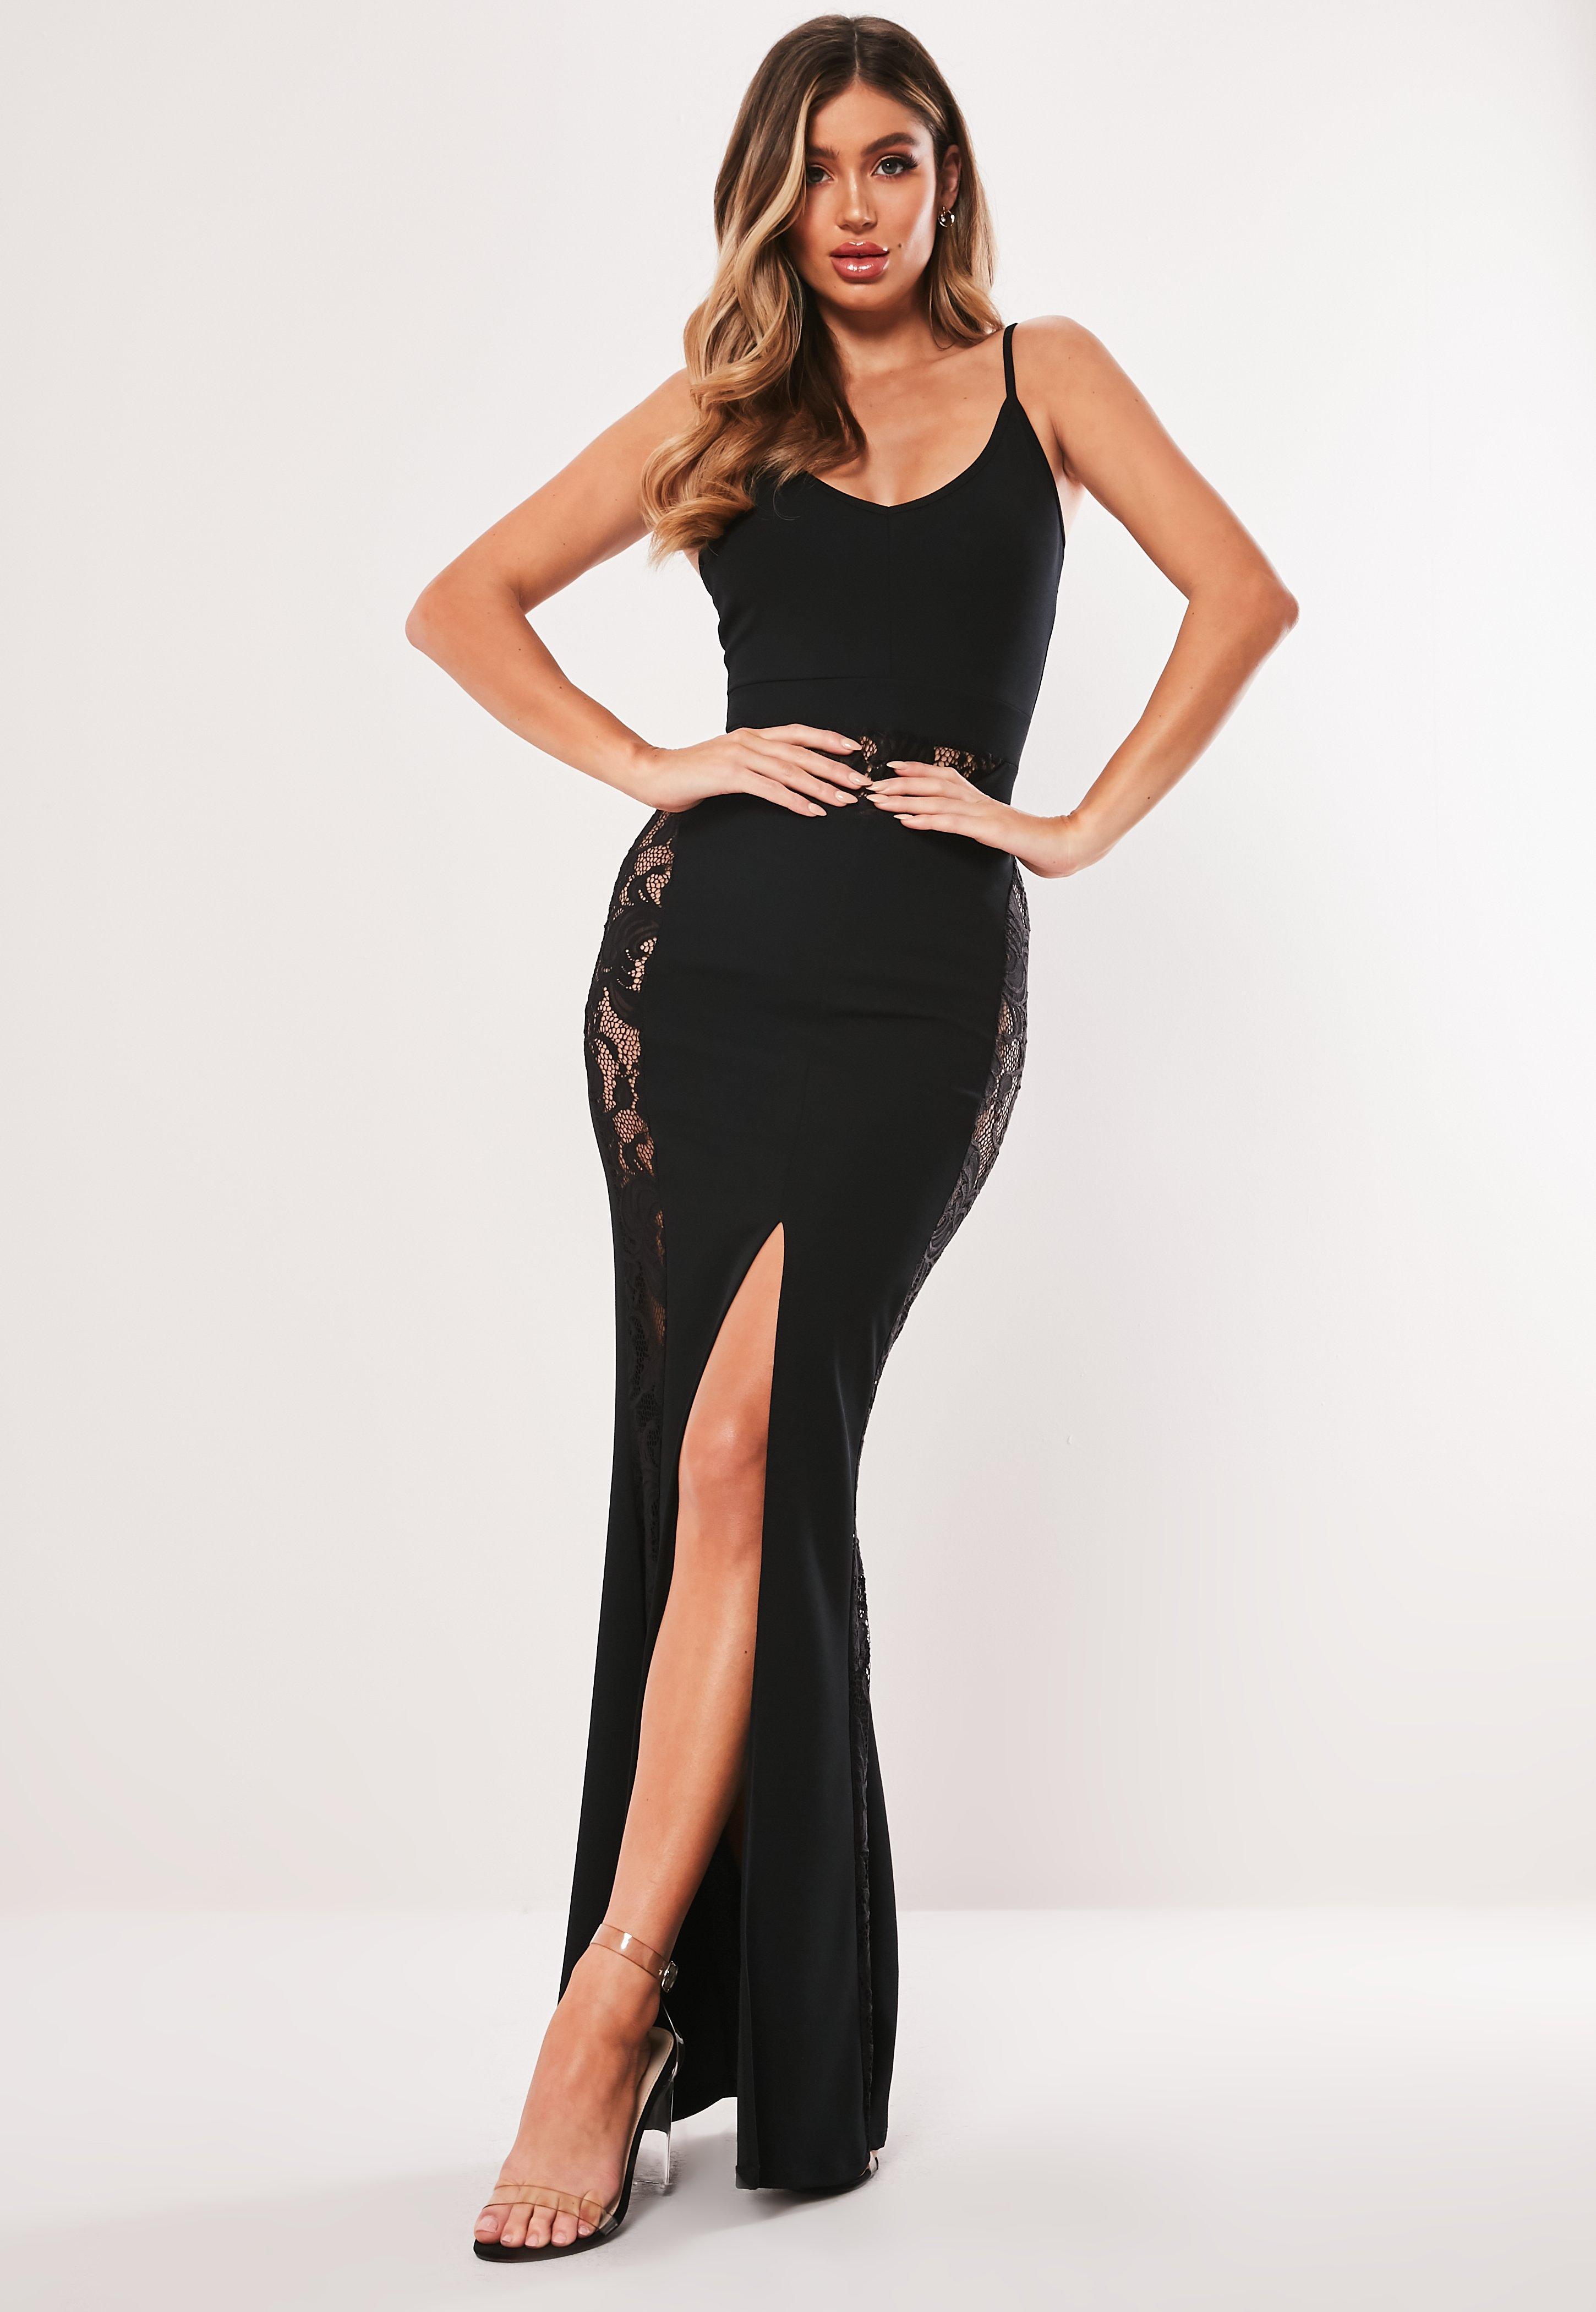 34a09c60a1 Czarna sukienka maxi z wstawkami z koronki